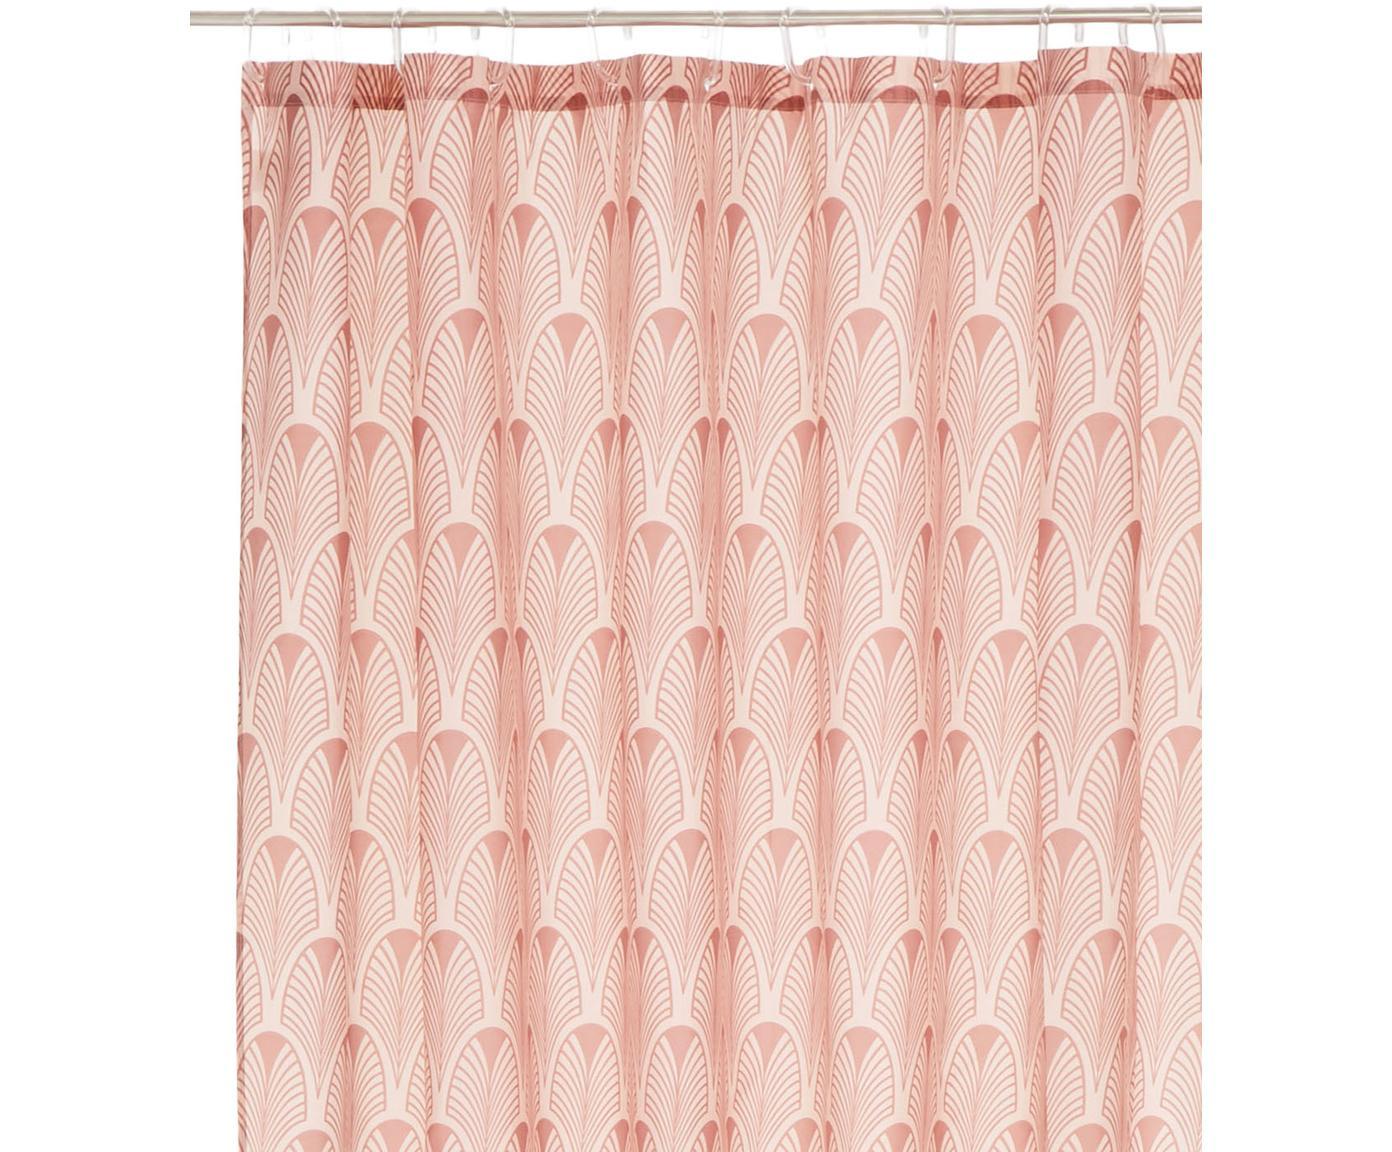 Duschvorhang Ashville mit Art Deco Muster, 100% Polyester, digital bedruckt Wasserabweisend, nicht wasserdicht, Rosatöne, 180 x 200 cm